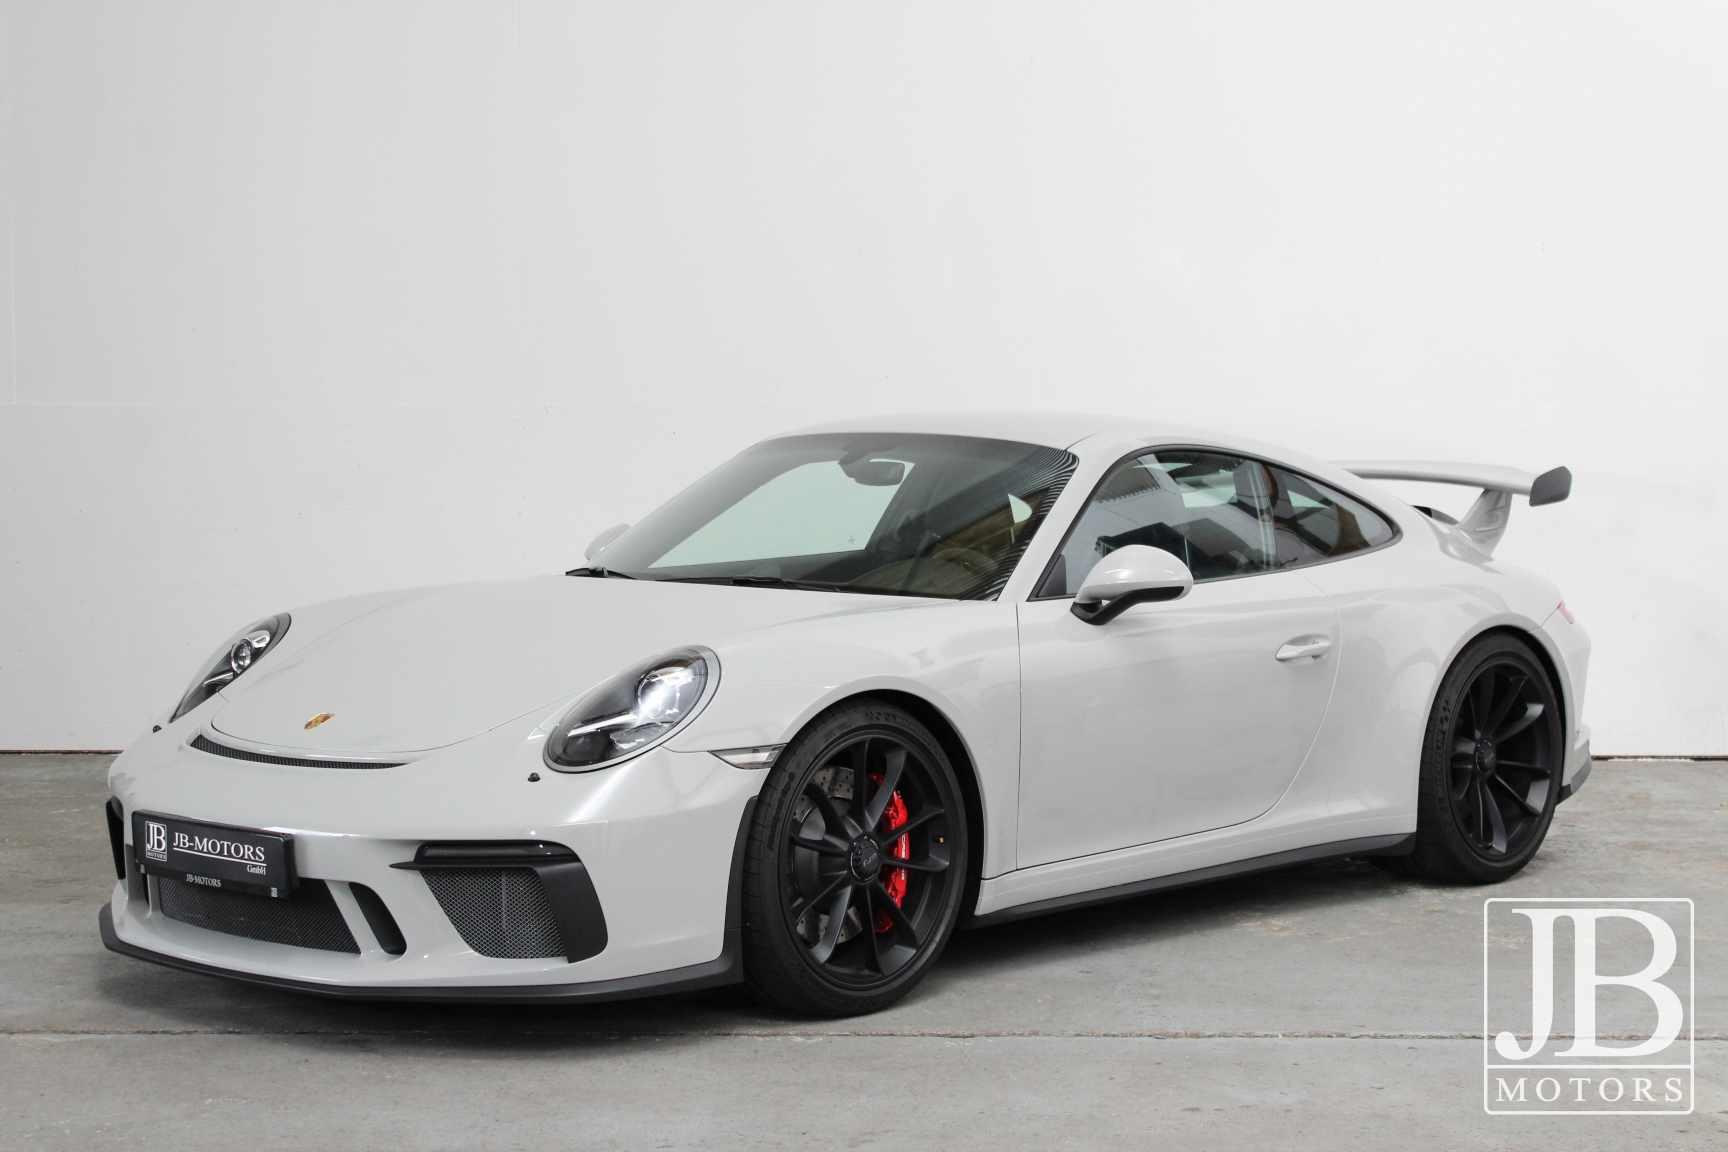 Porsche 991.2 GT3 Schalter Kreide-1